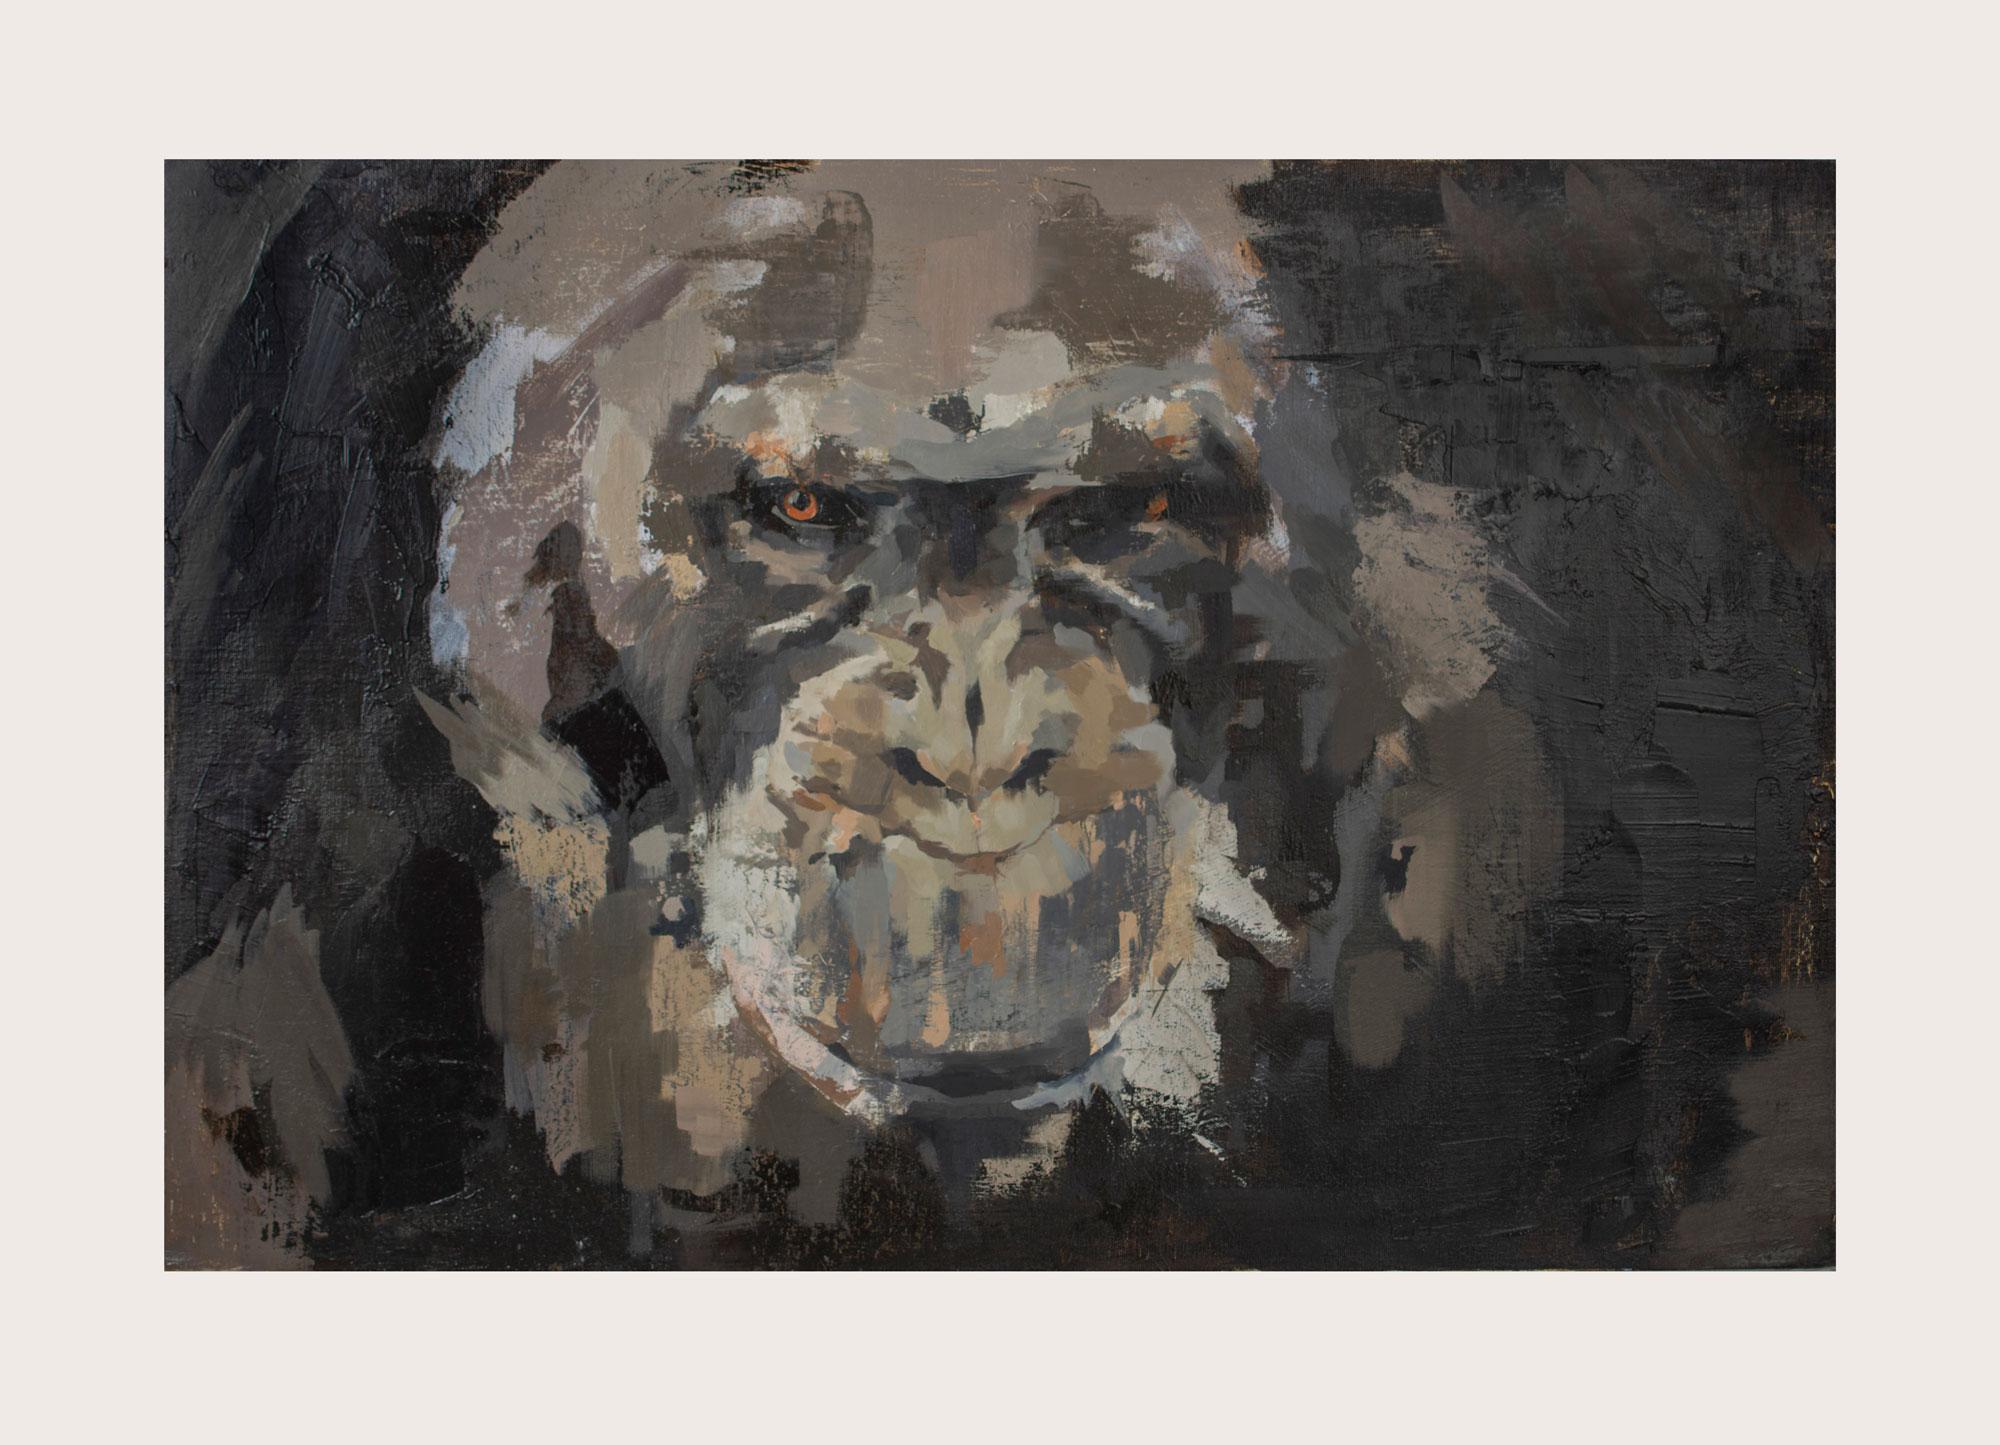 Fear | Oil on canvas board | 20 x 30 in